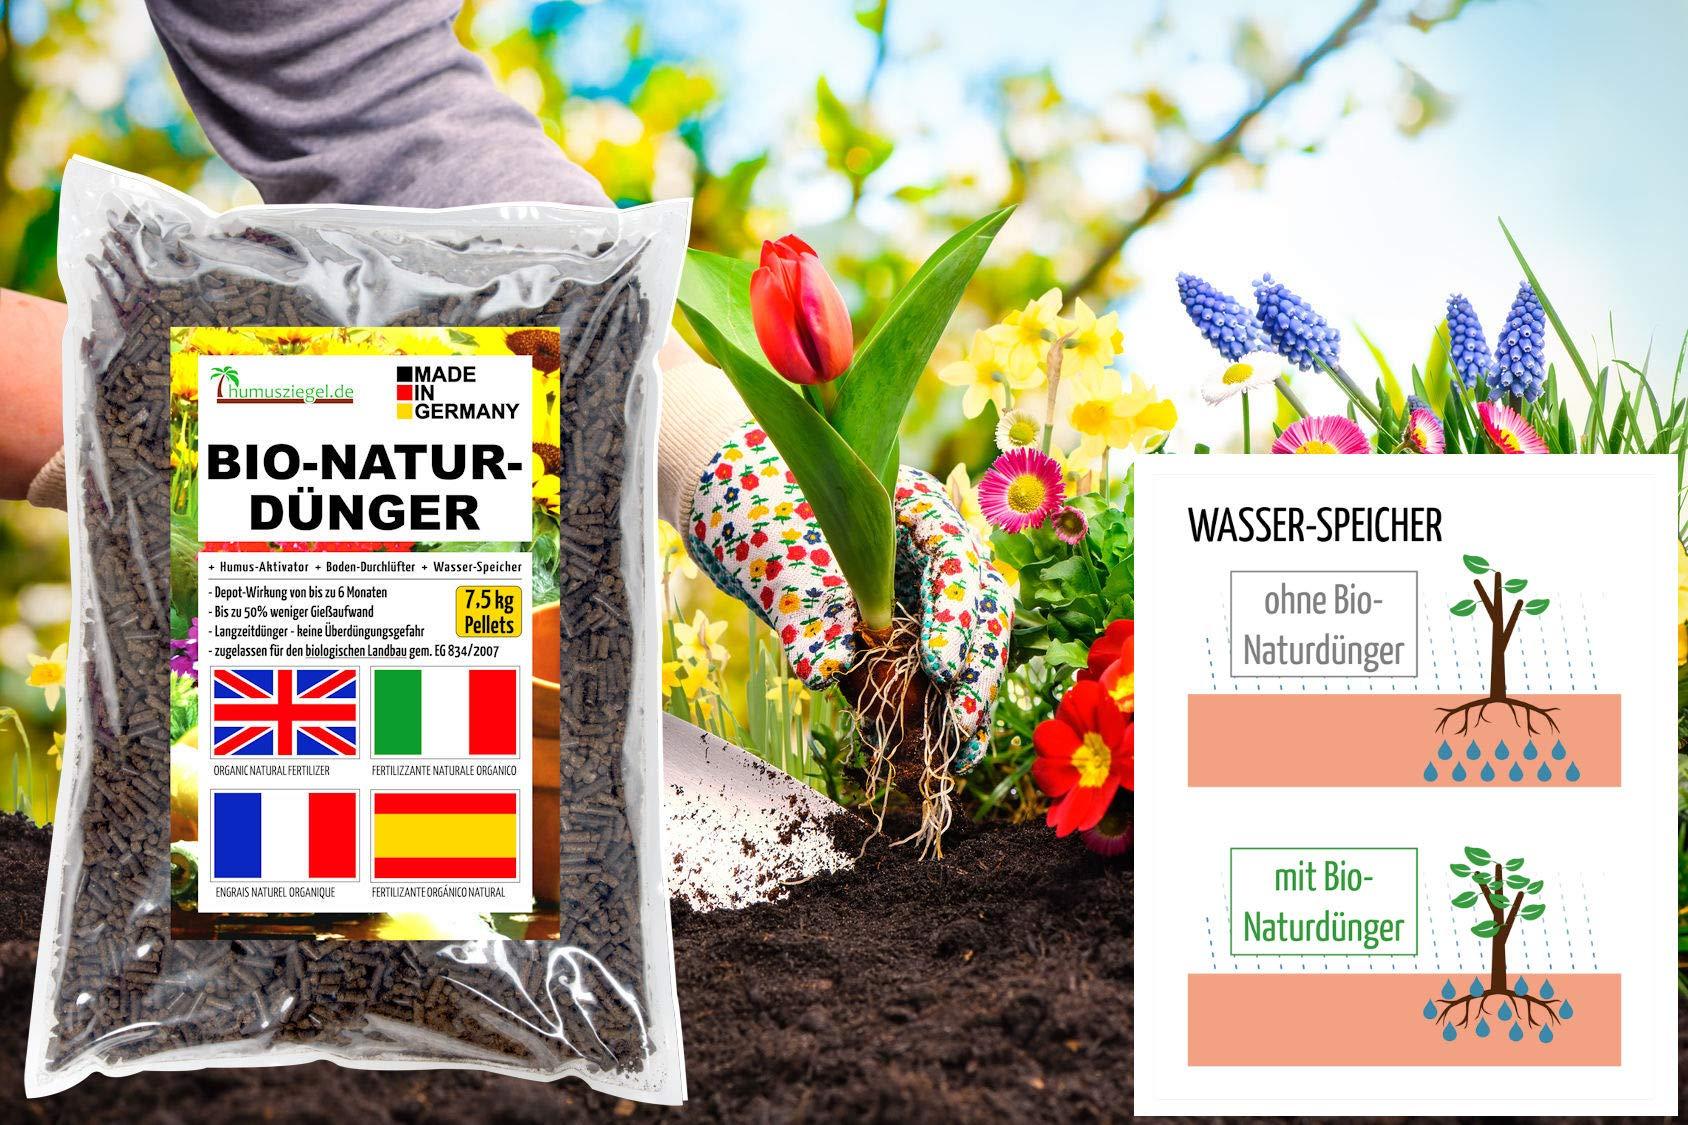 Humusziegel Novihum Humusbooster Bodenaufwertung 1:100 Konzentrat 2 kg